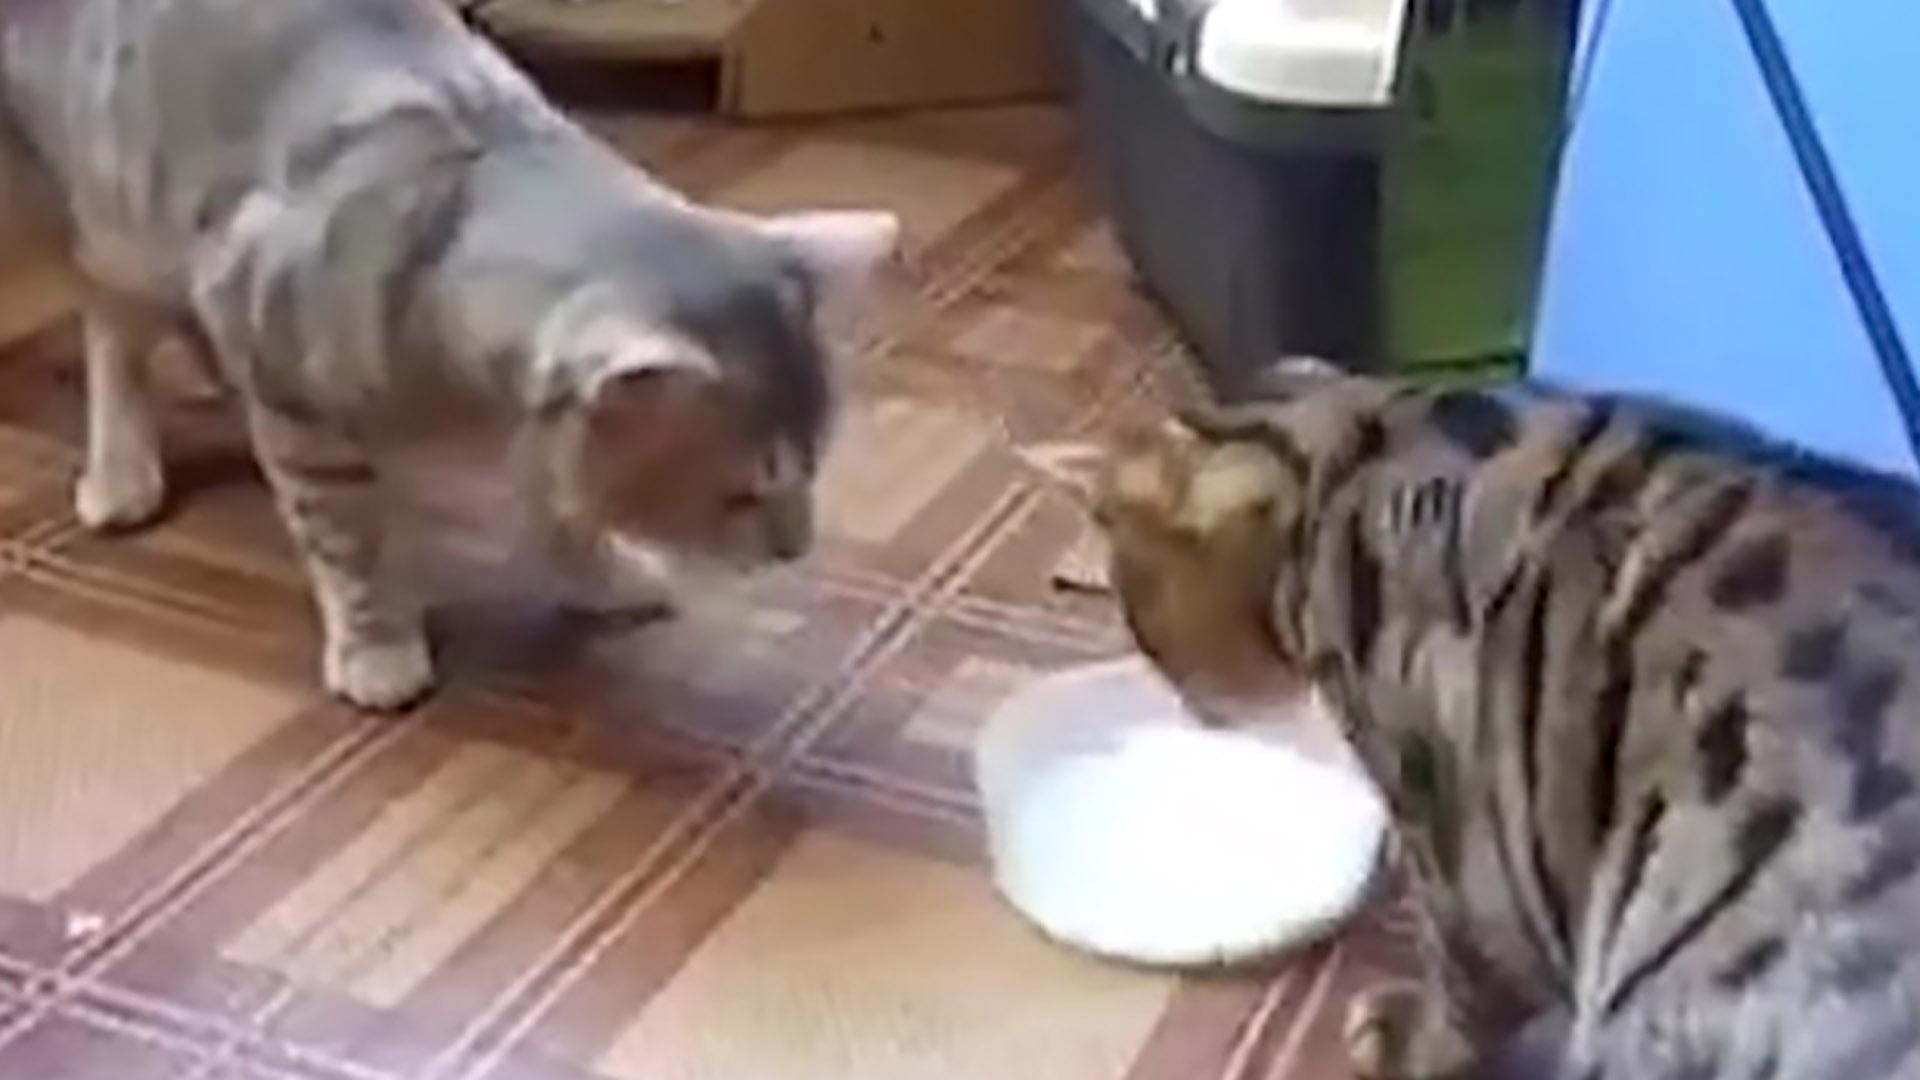 El video muestra la divertida escena de dos gatos disputándose por el delicioso tazón de leche